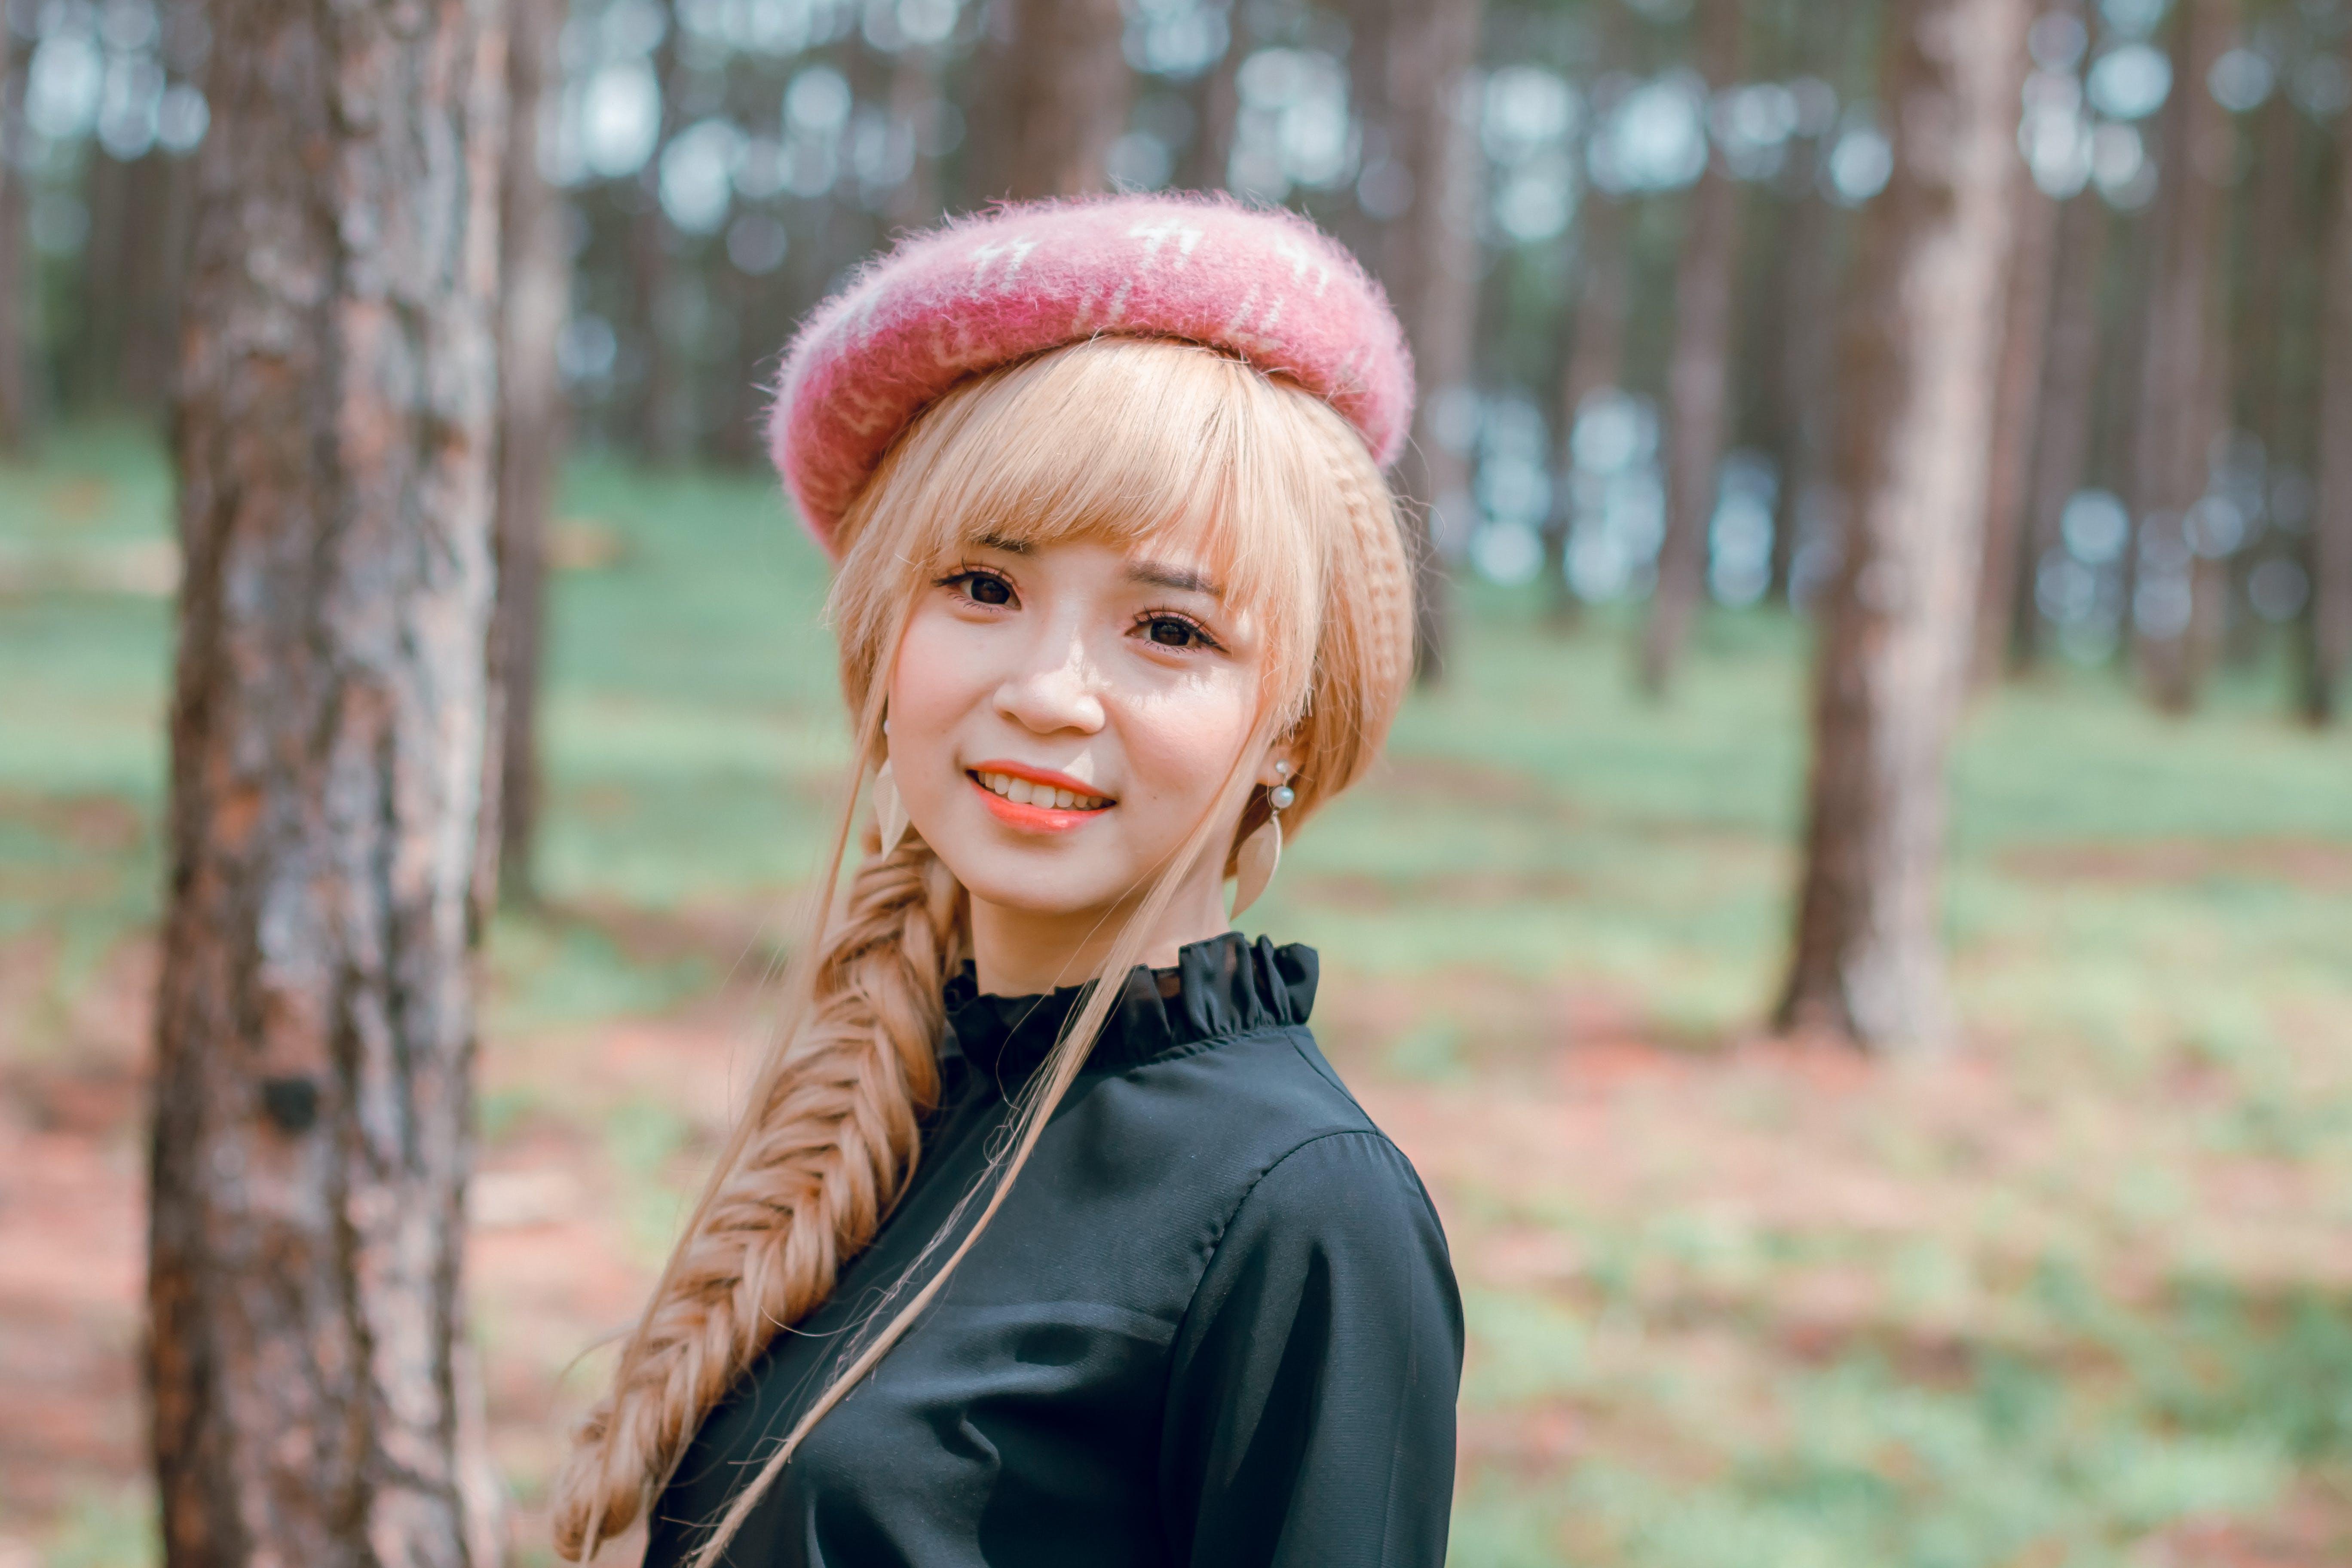 Gratis arkivbilde med asiatisk jente, asiatisk kvinne, blondt hår, bruke